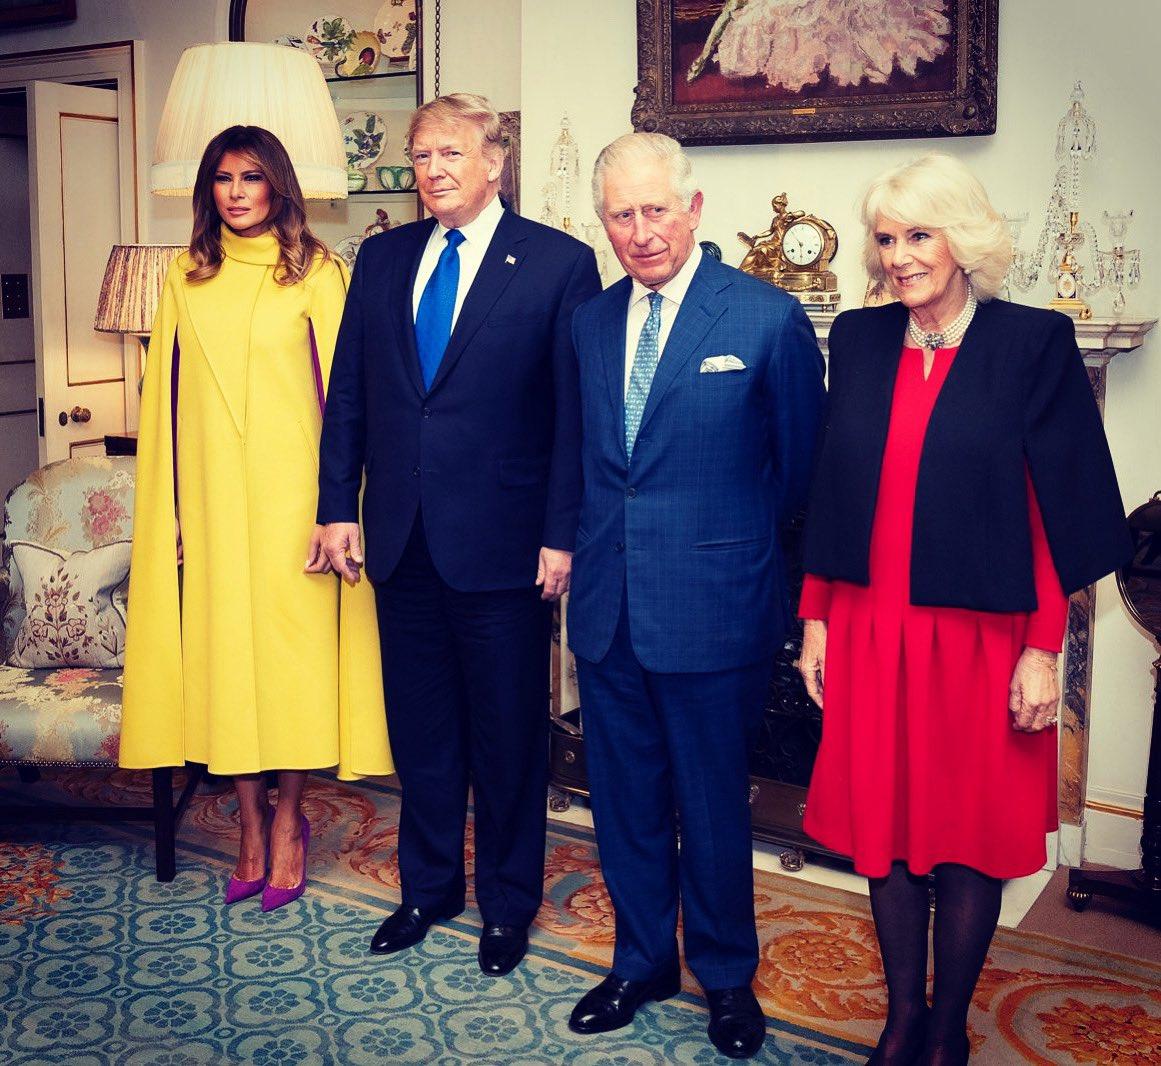 Melania i Donald Trump w Wielkiej Brytanii